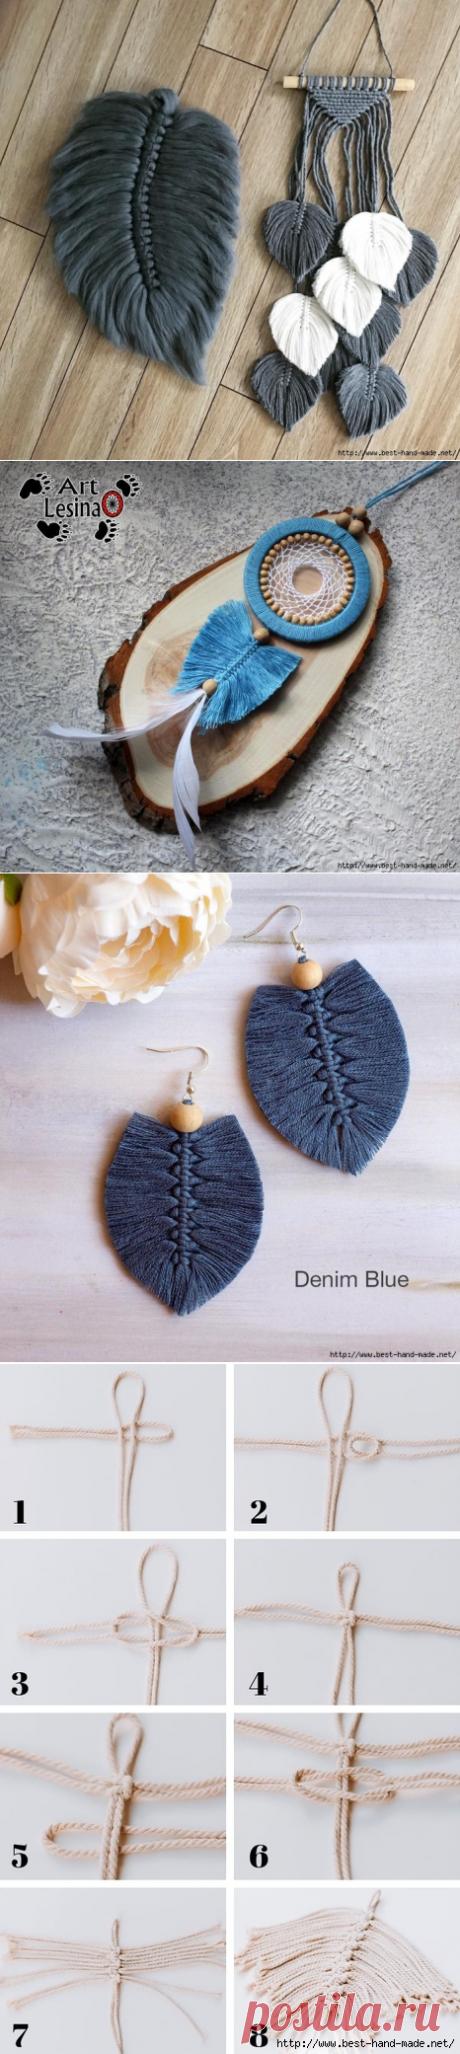 Перья для декора и украшений из ниток и джинсов.